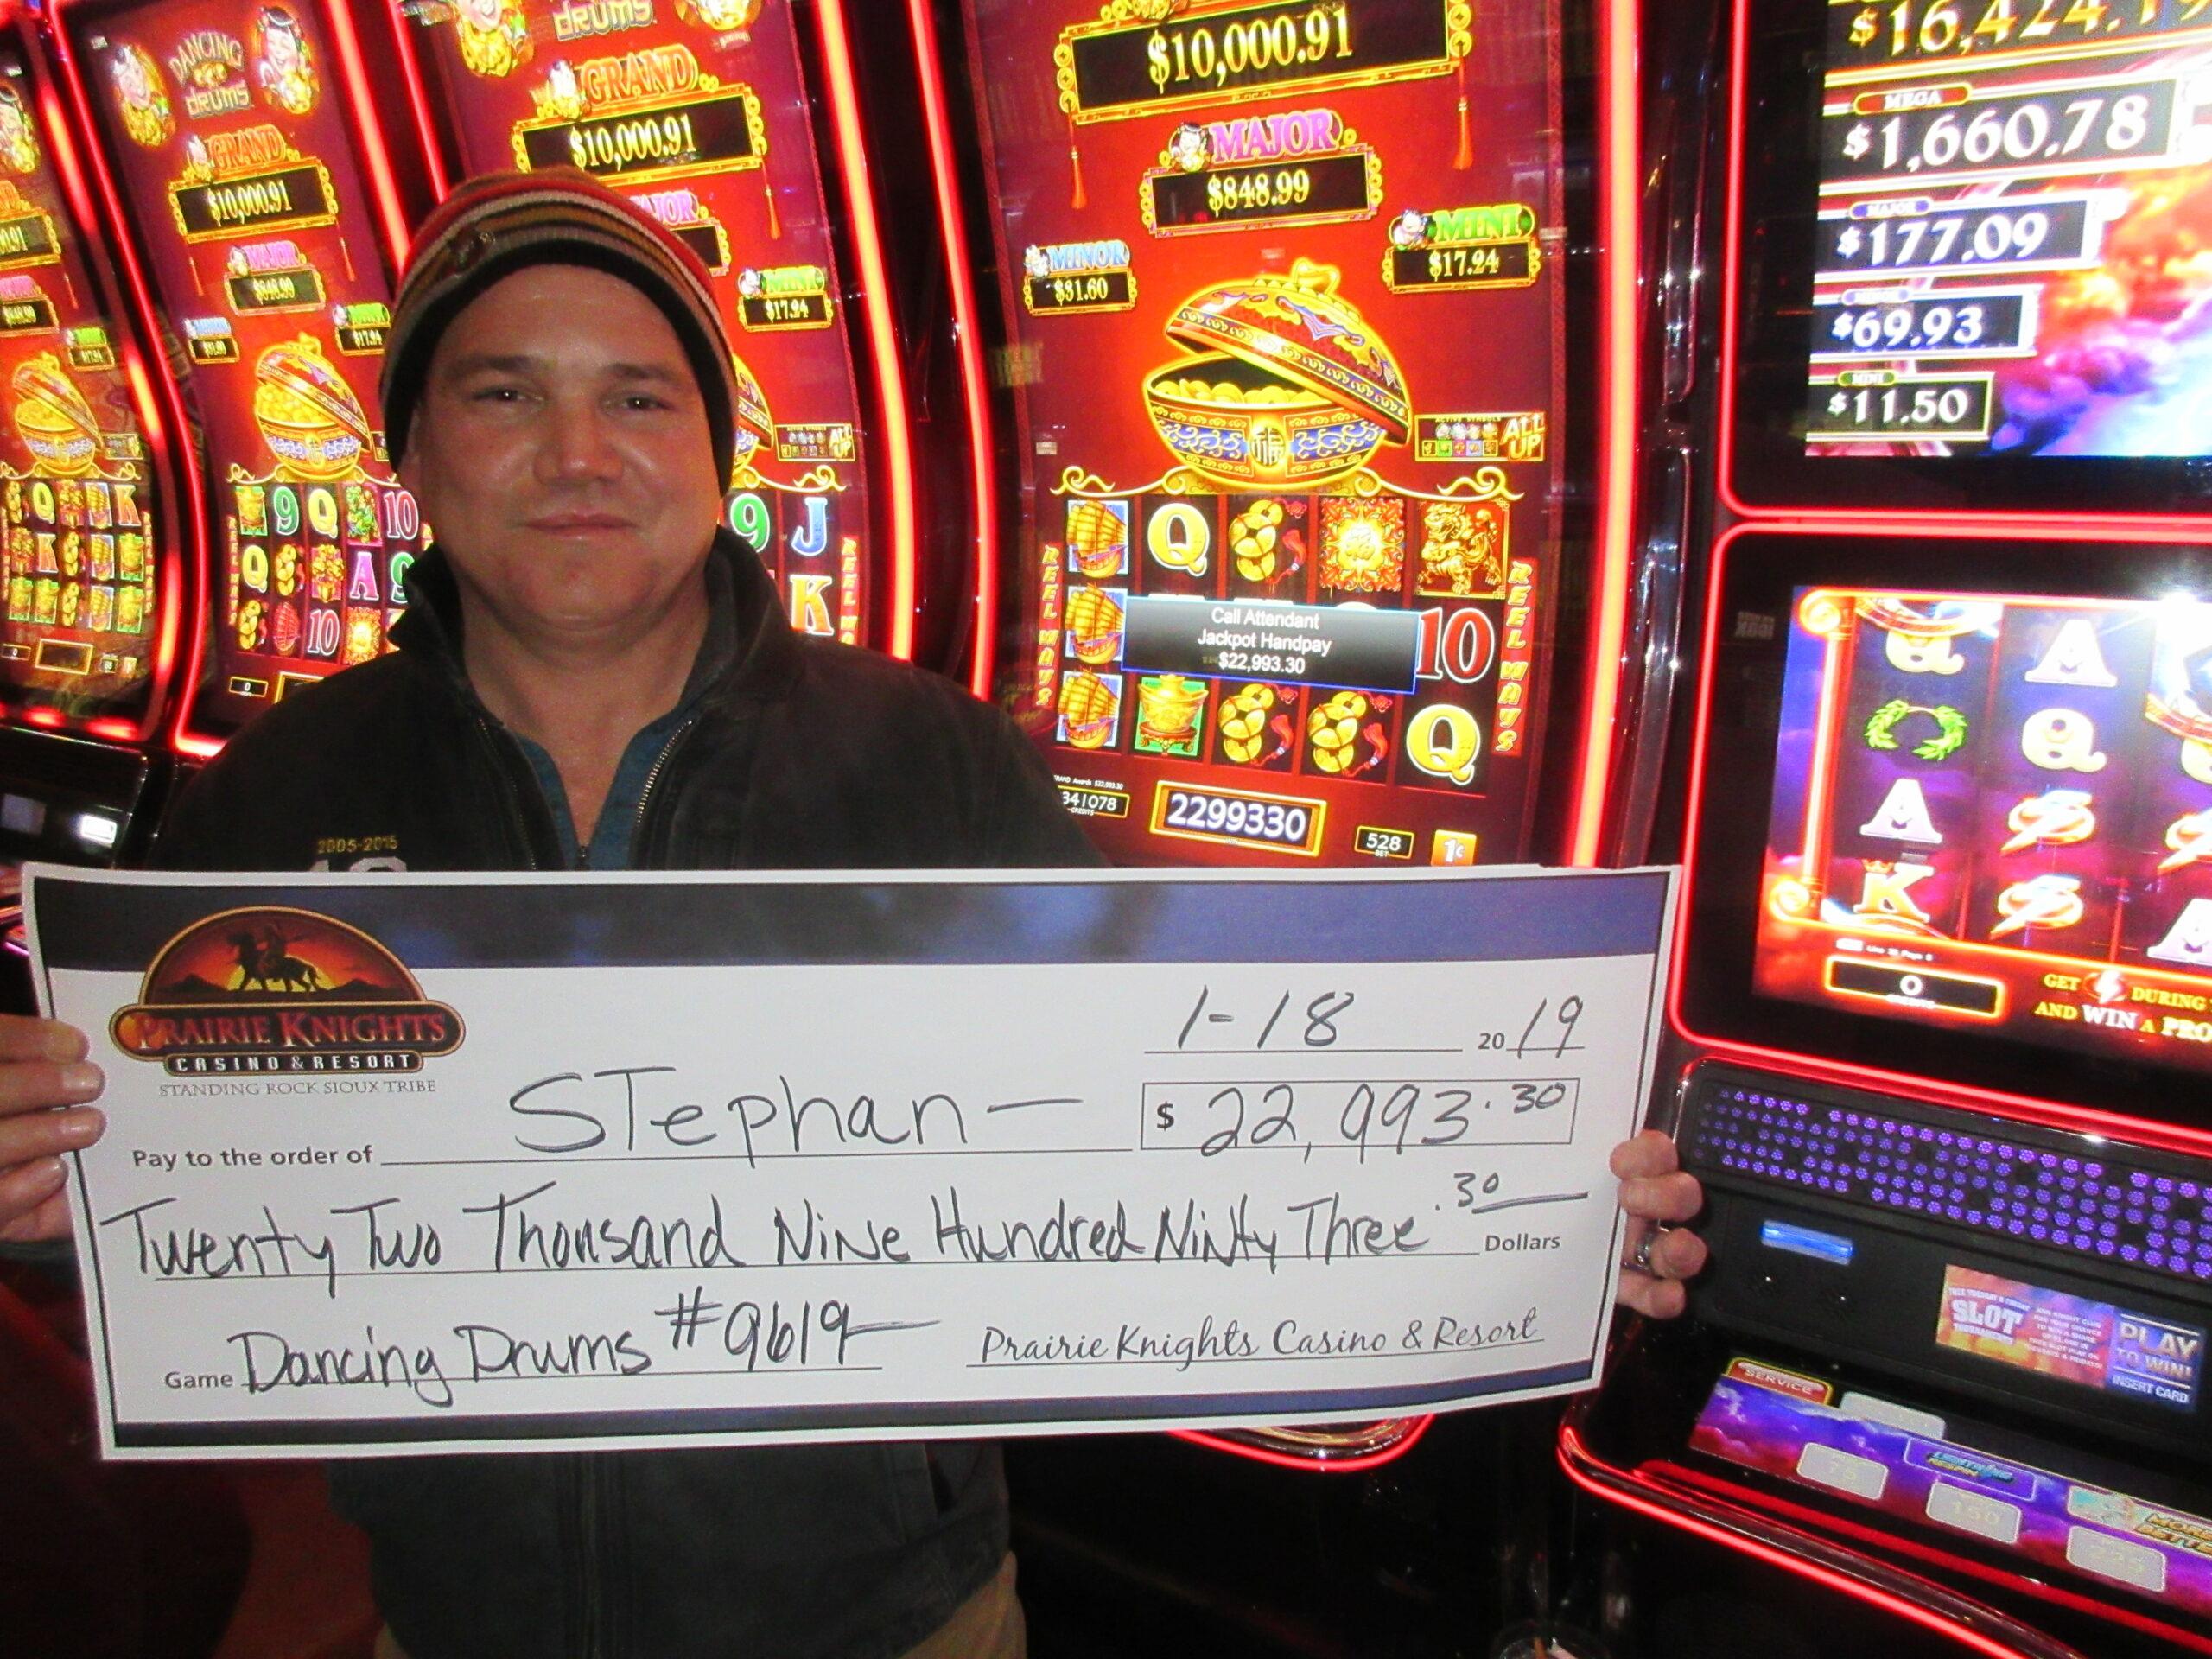 Stephan – $22,993